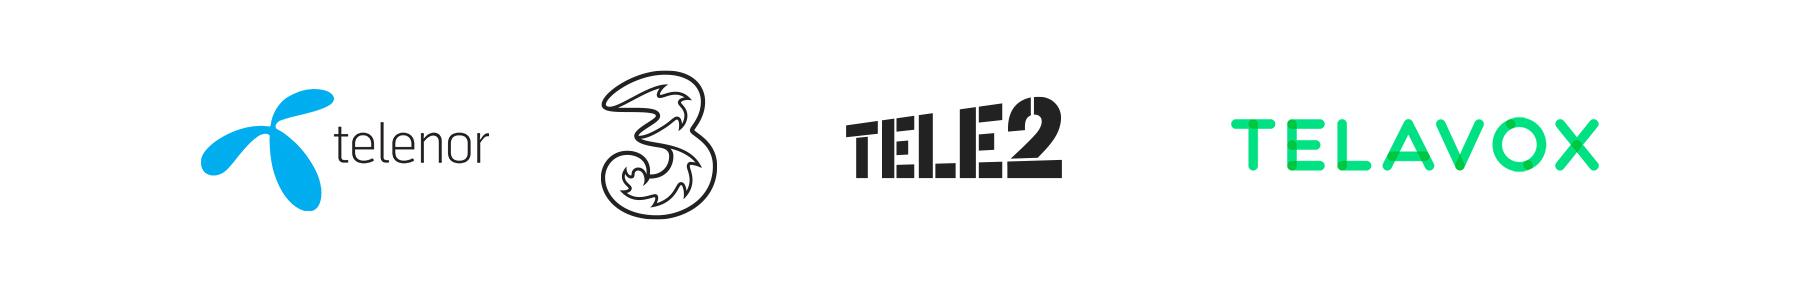 Vi erbjuder operatörerna Telenor, Tre, Tele2 och Telavox.